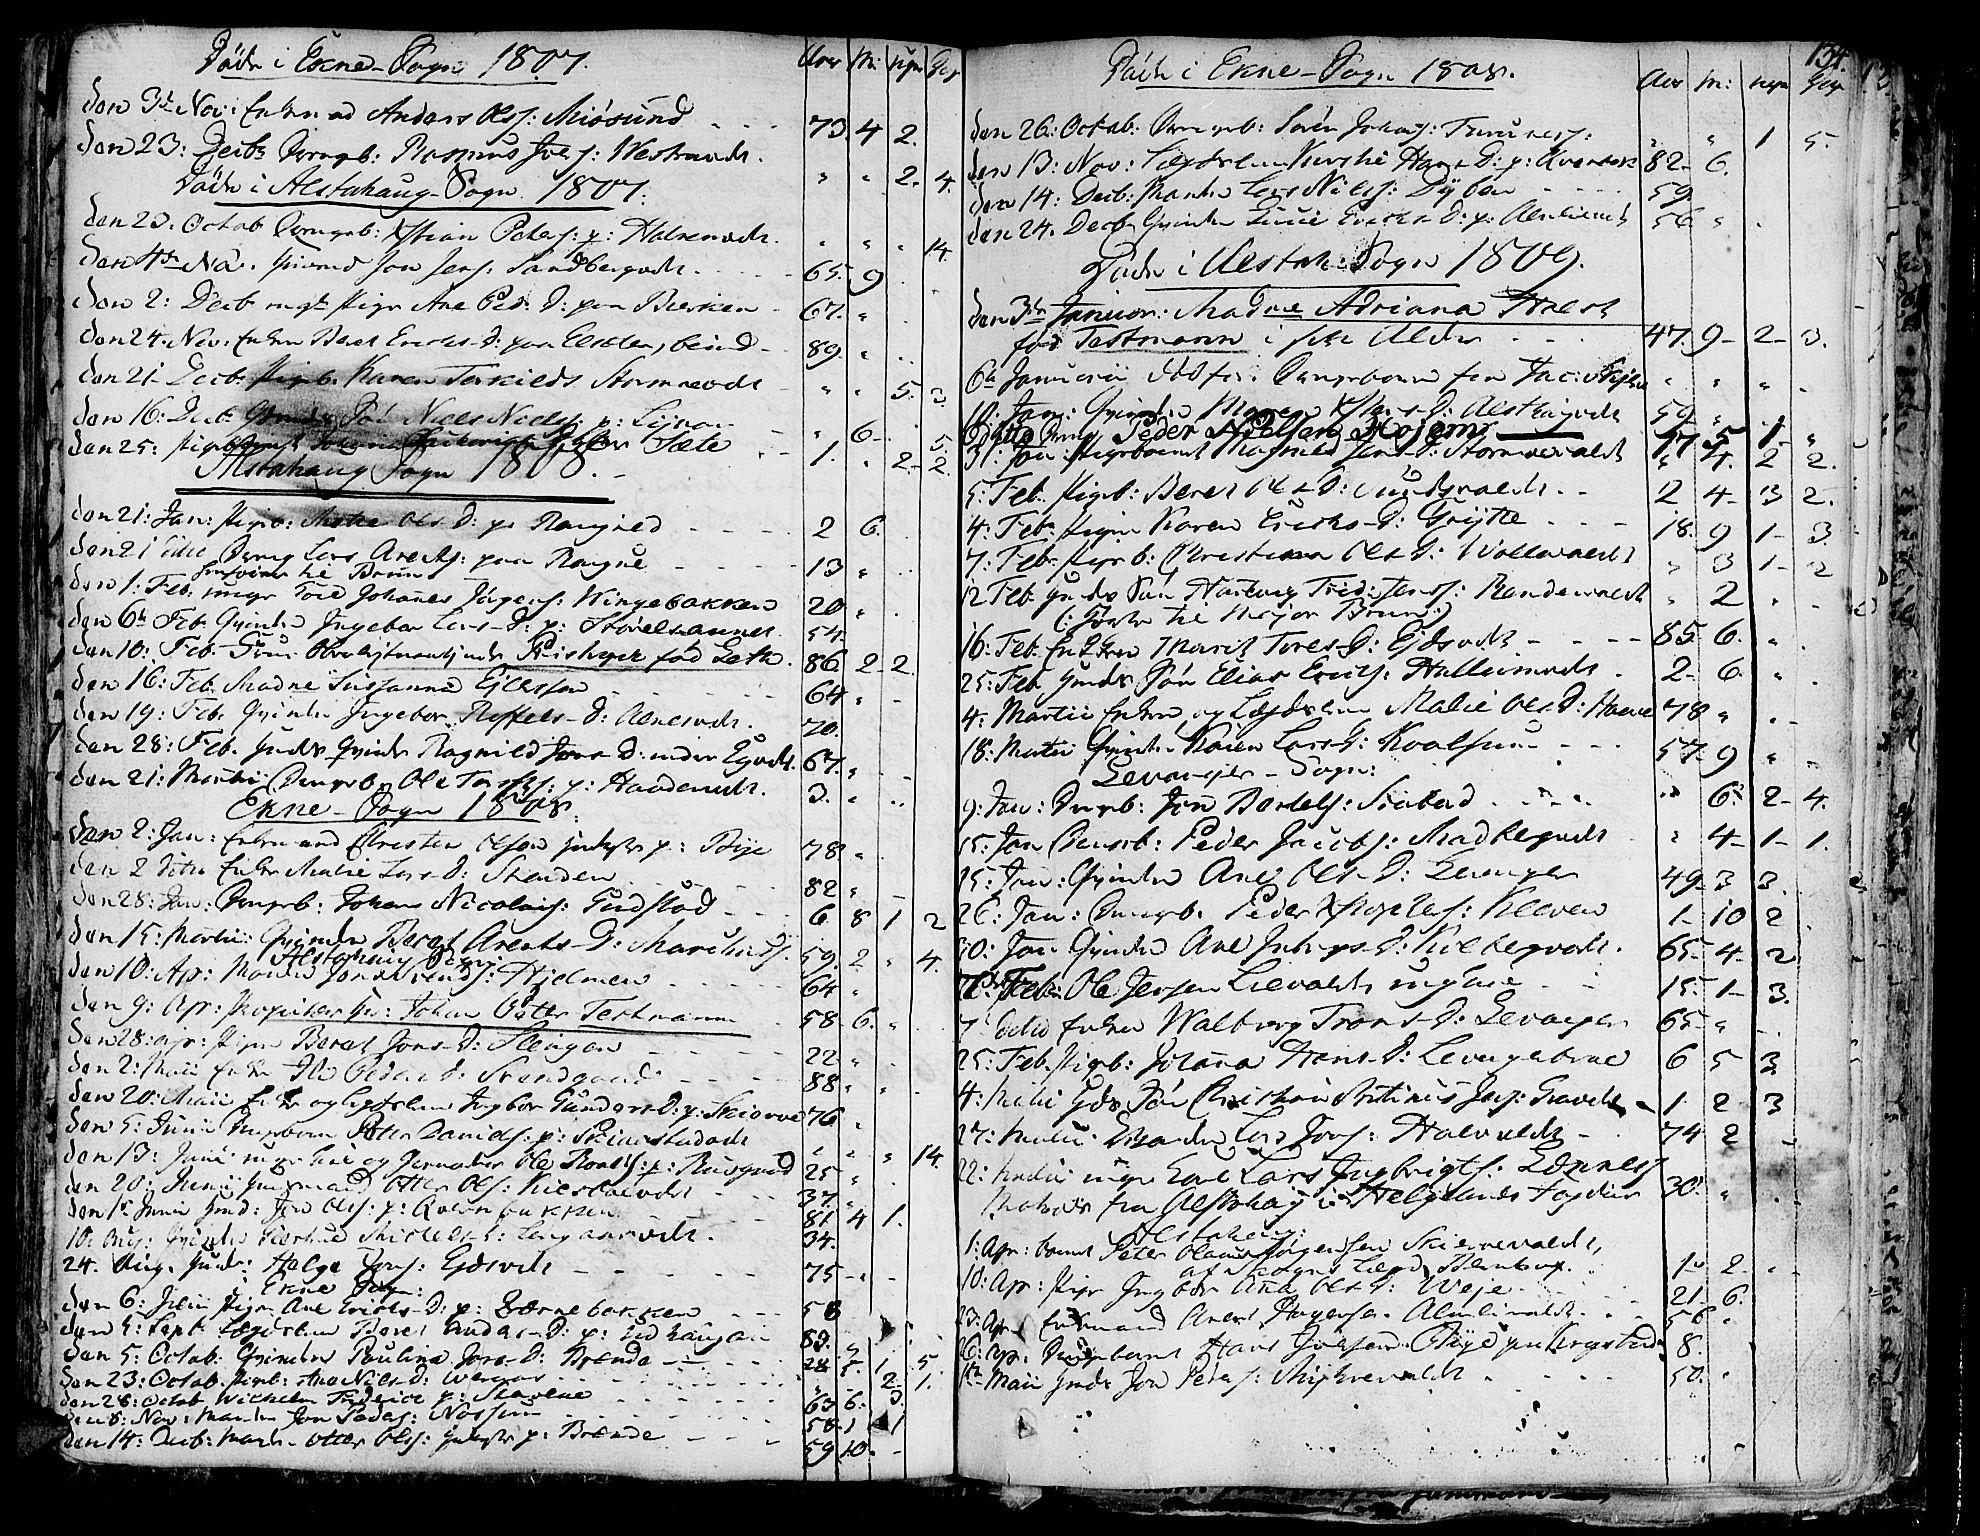 SAT, Ministerialprotokoller, klokkerbøker og fødselsregistre - Nord-Trøndelag, 717/L0142: Ministerialbok nr. 717A02 /1, 1783-1809, s. 134